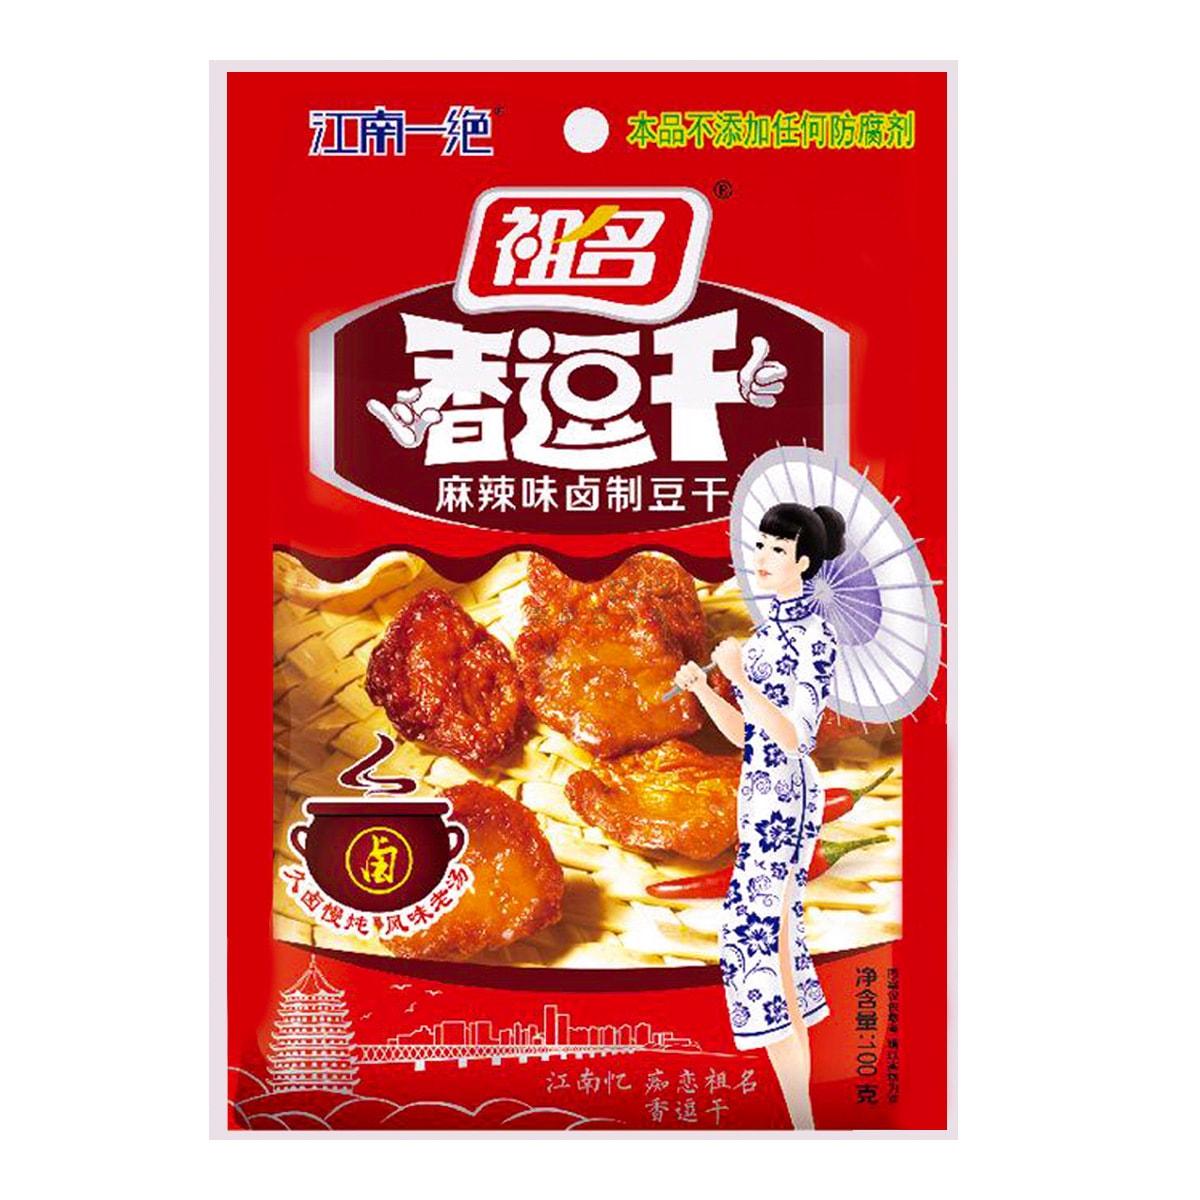 祖名 香逗干 麻辣味卤制豆干 100g